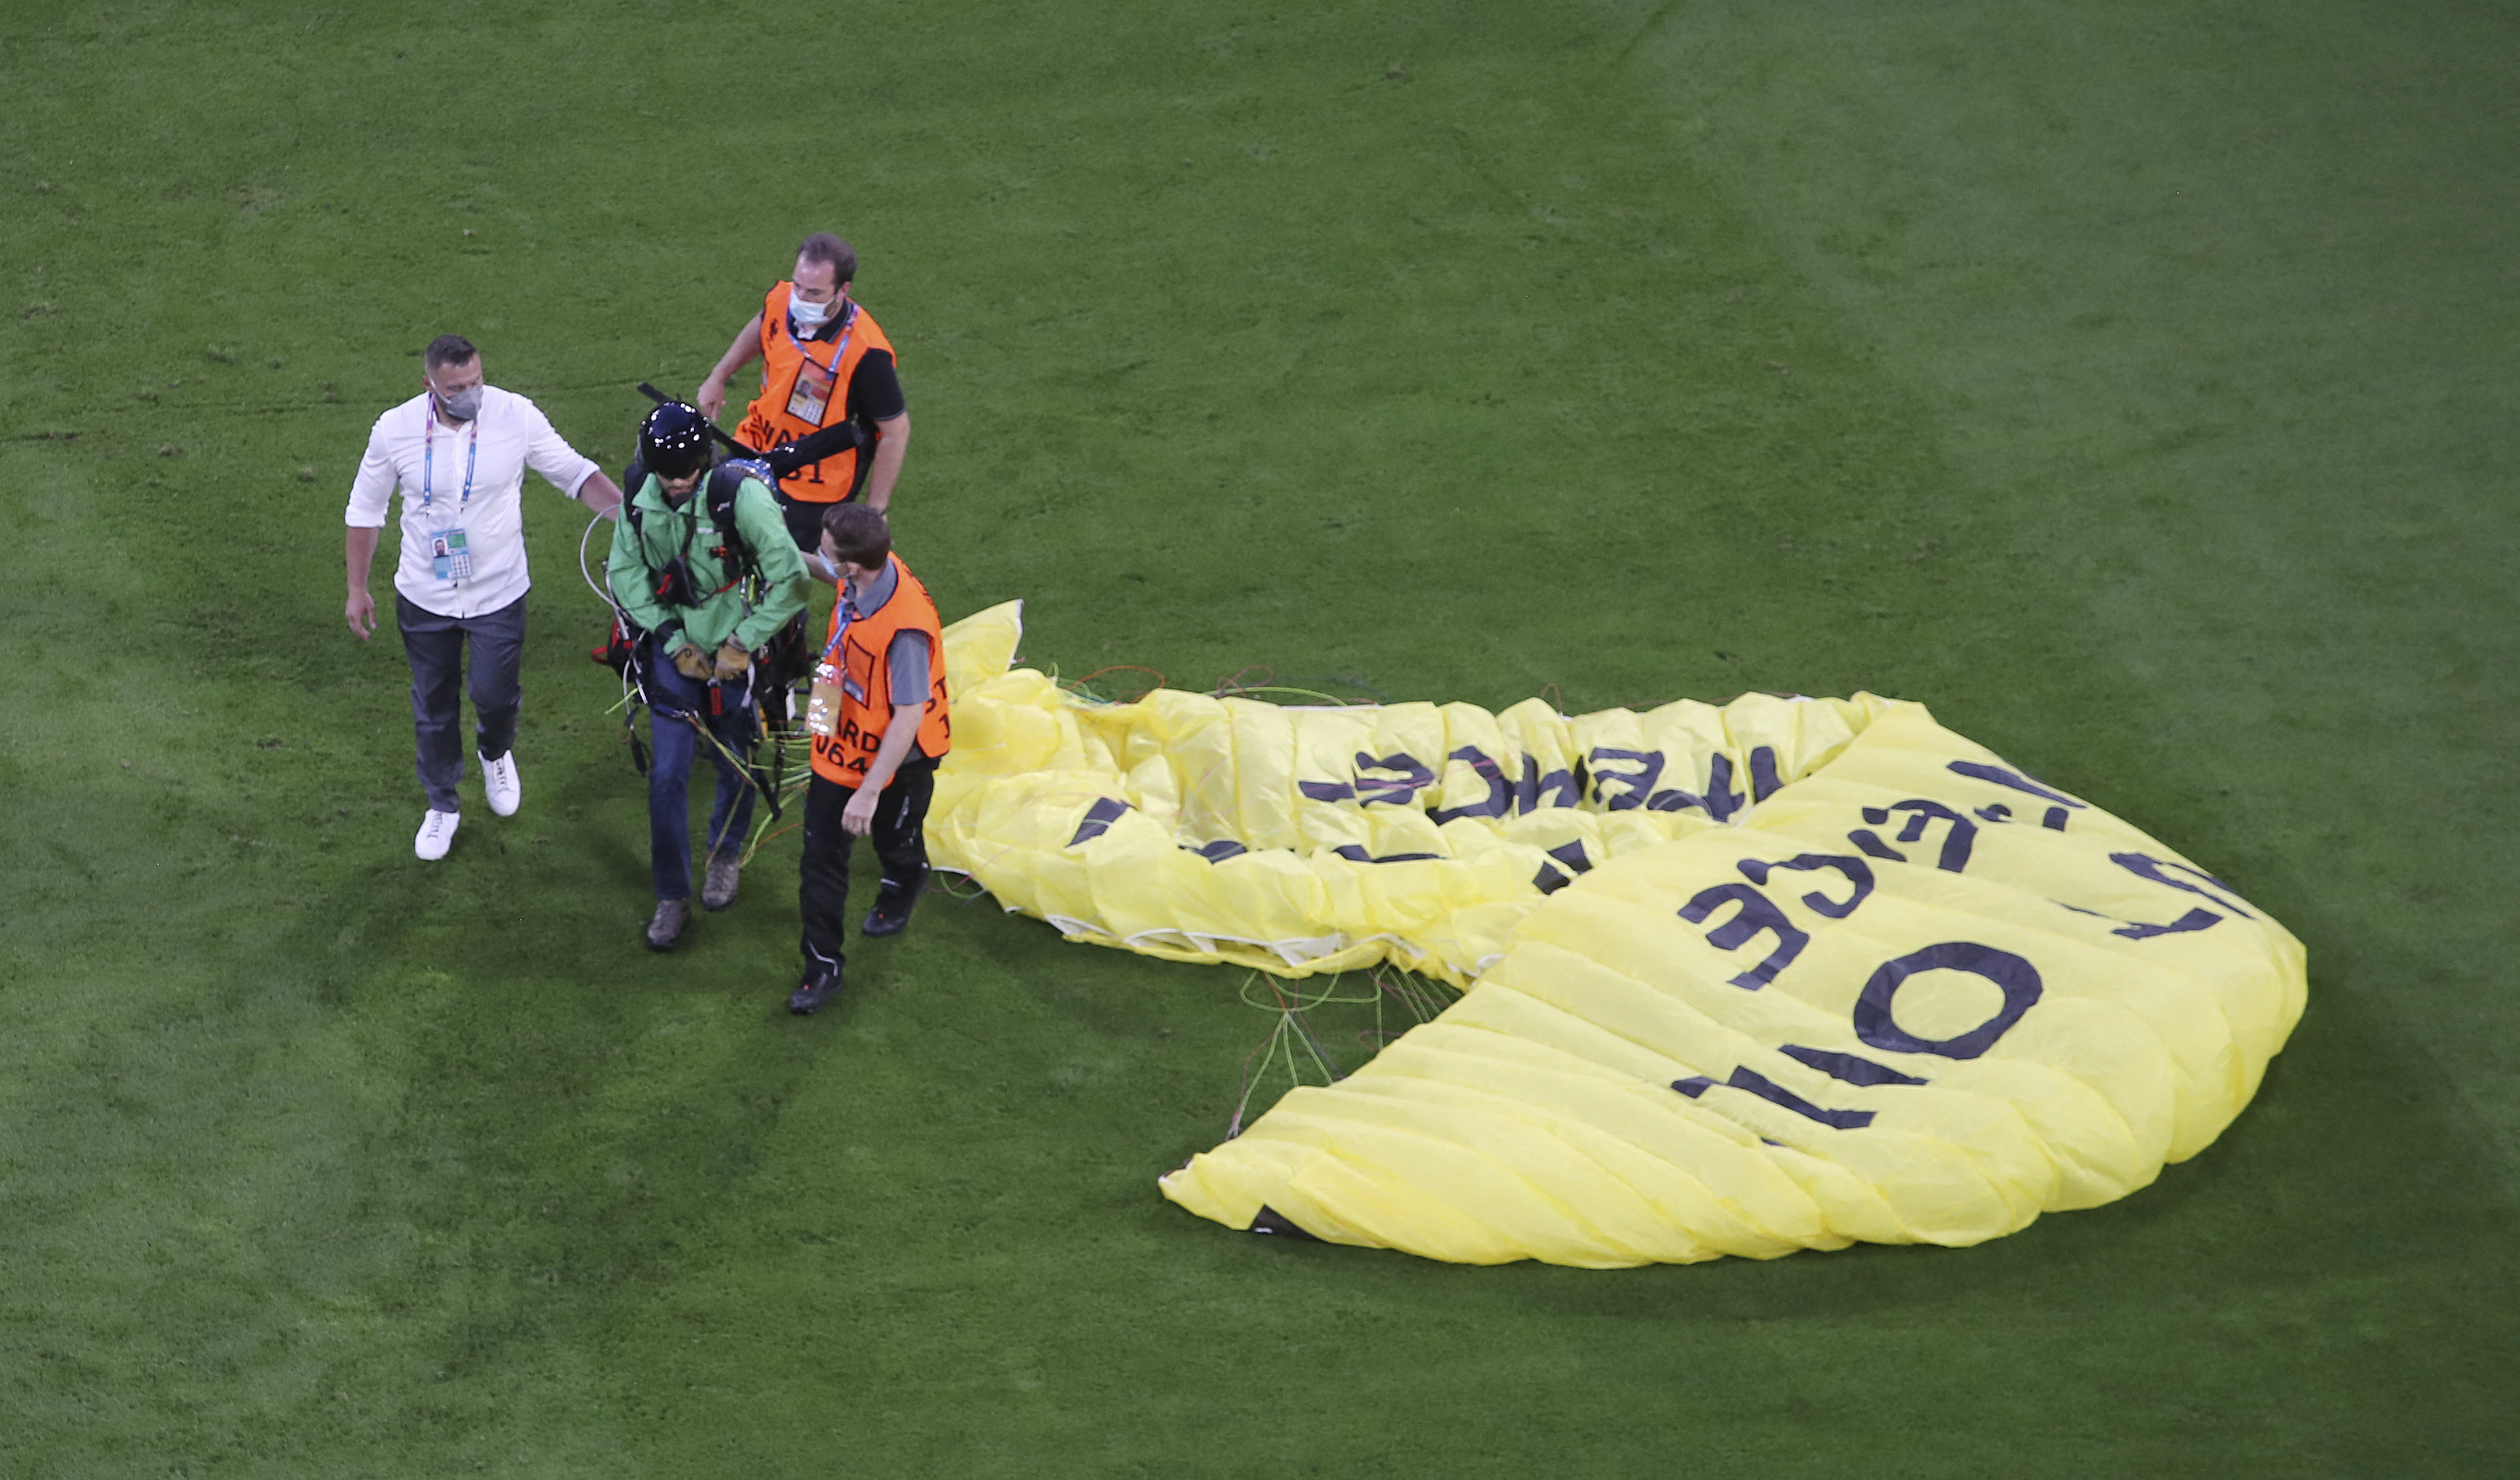 Egy siklóernyős tüntető miatt több embert kórházba kellett szállítani a francia-német meccsről